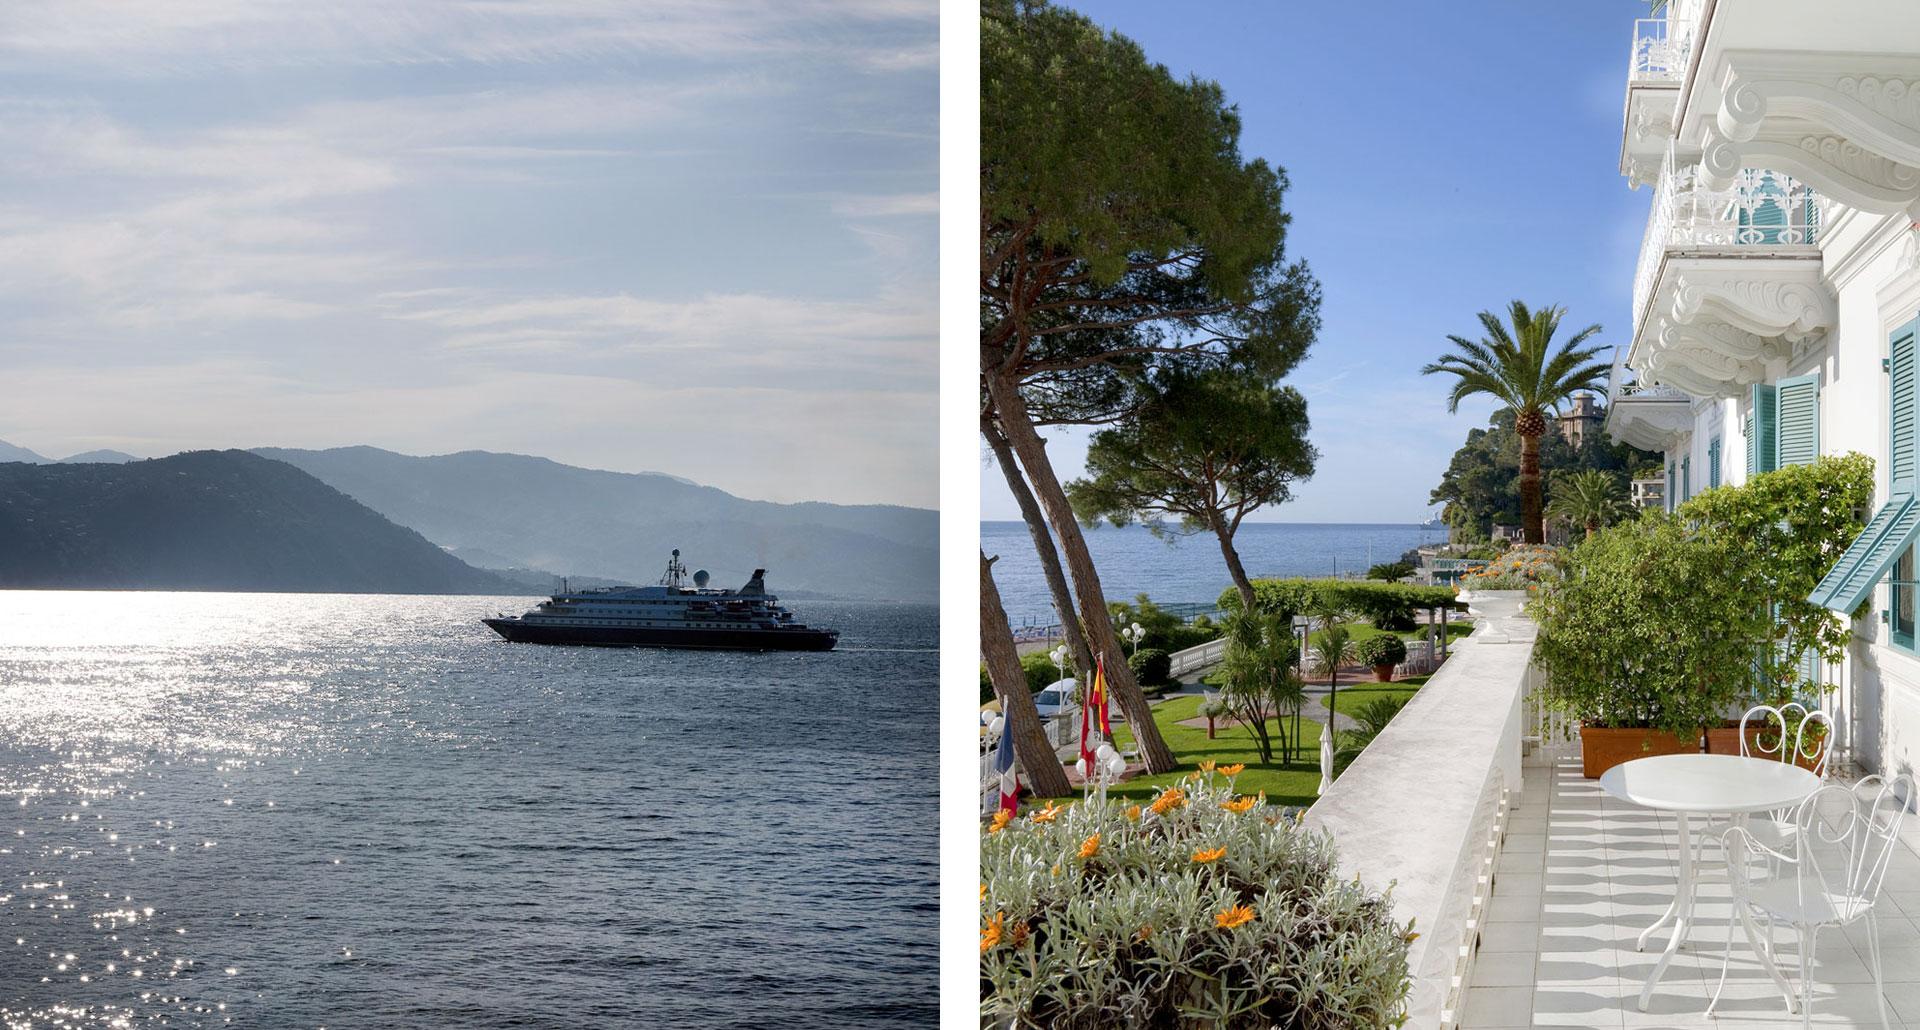 Grand Hotel Miramare - boutique hotel in Portofino